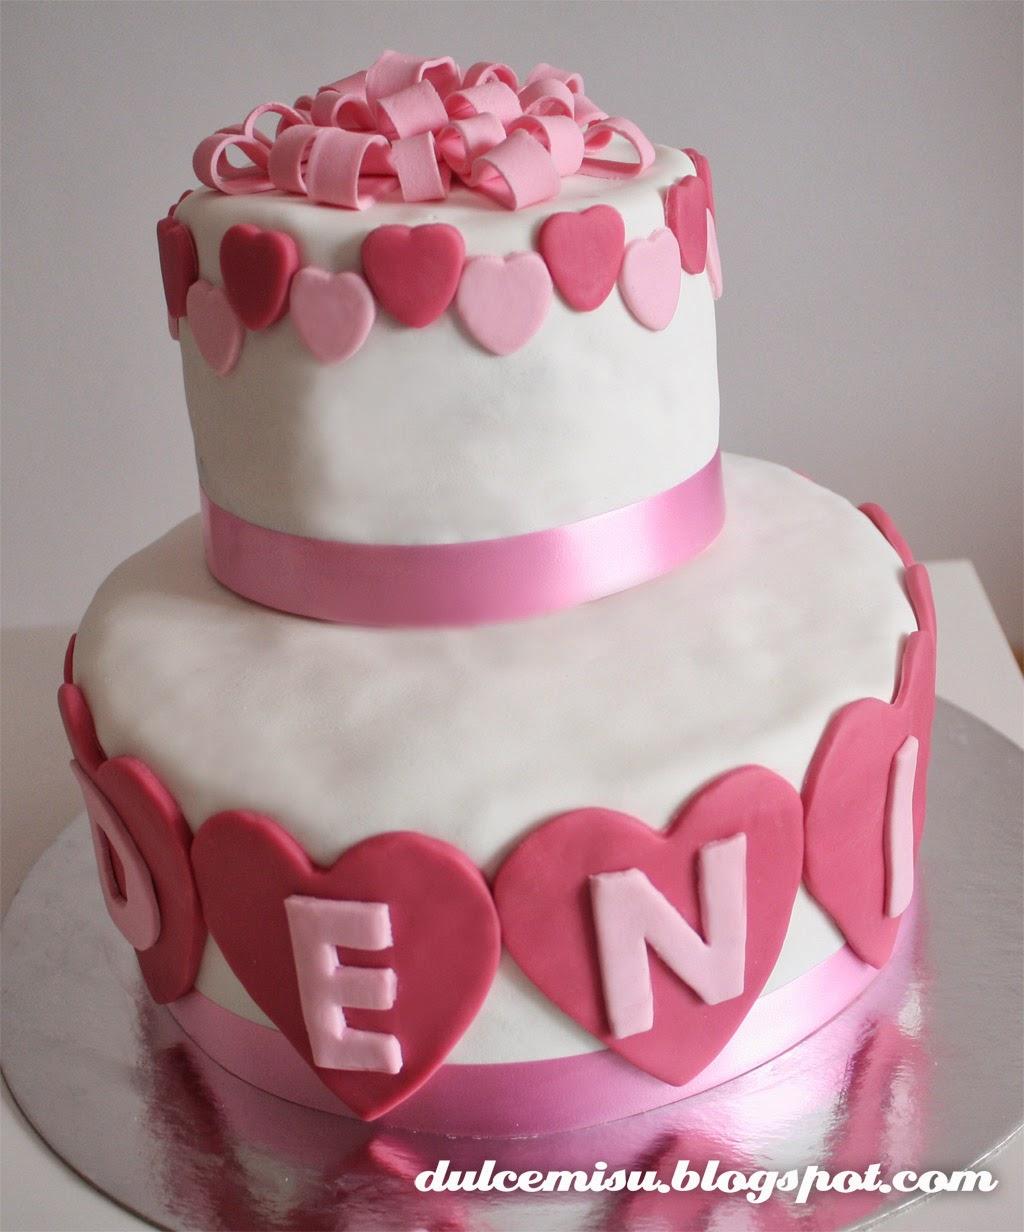 tarta, chocolate, cumpleaños, corazones, fondant, lazo, dulcemisu, Deni, fresa, buttercream